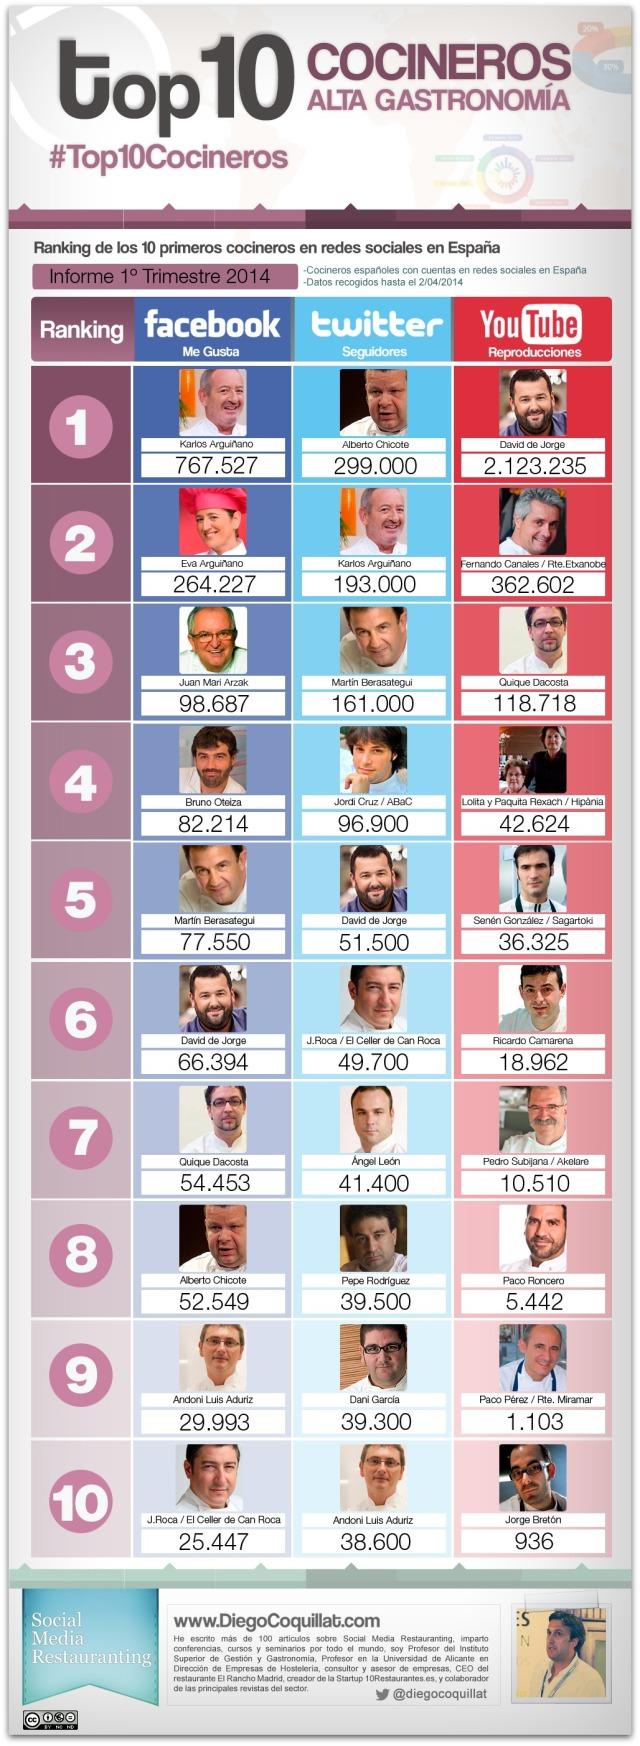 Top 10 cocineros en Redes Sociales (España 1T/2014)